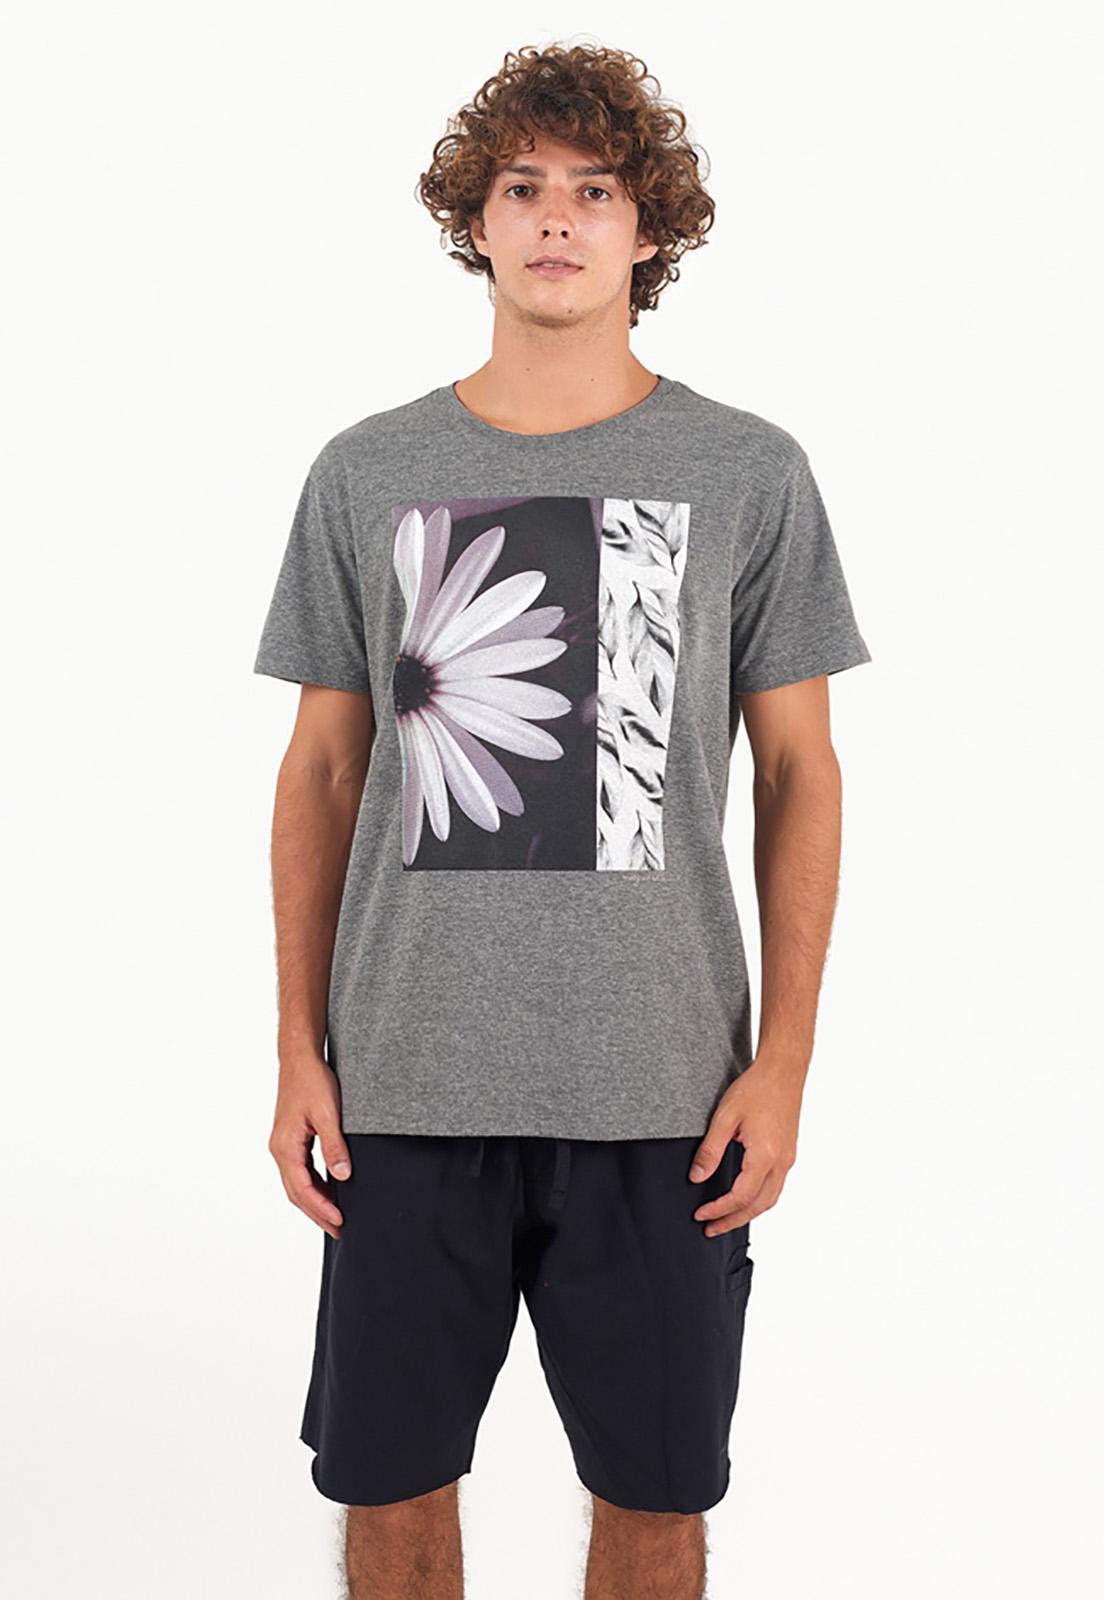 T-shirt Daisy melty  - melty surf & Co.